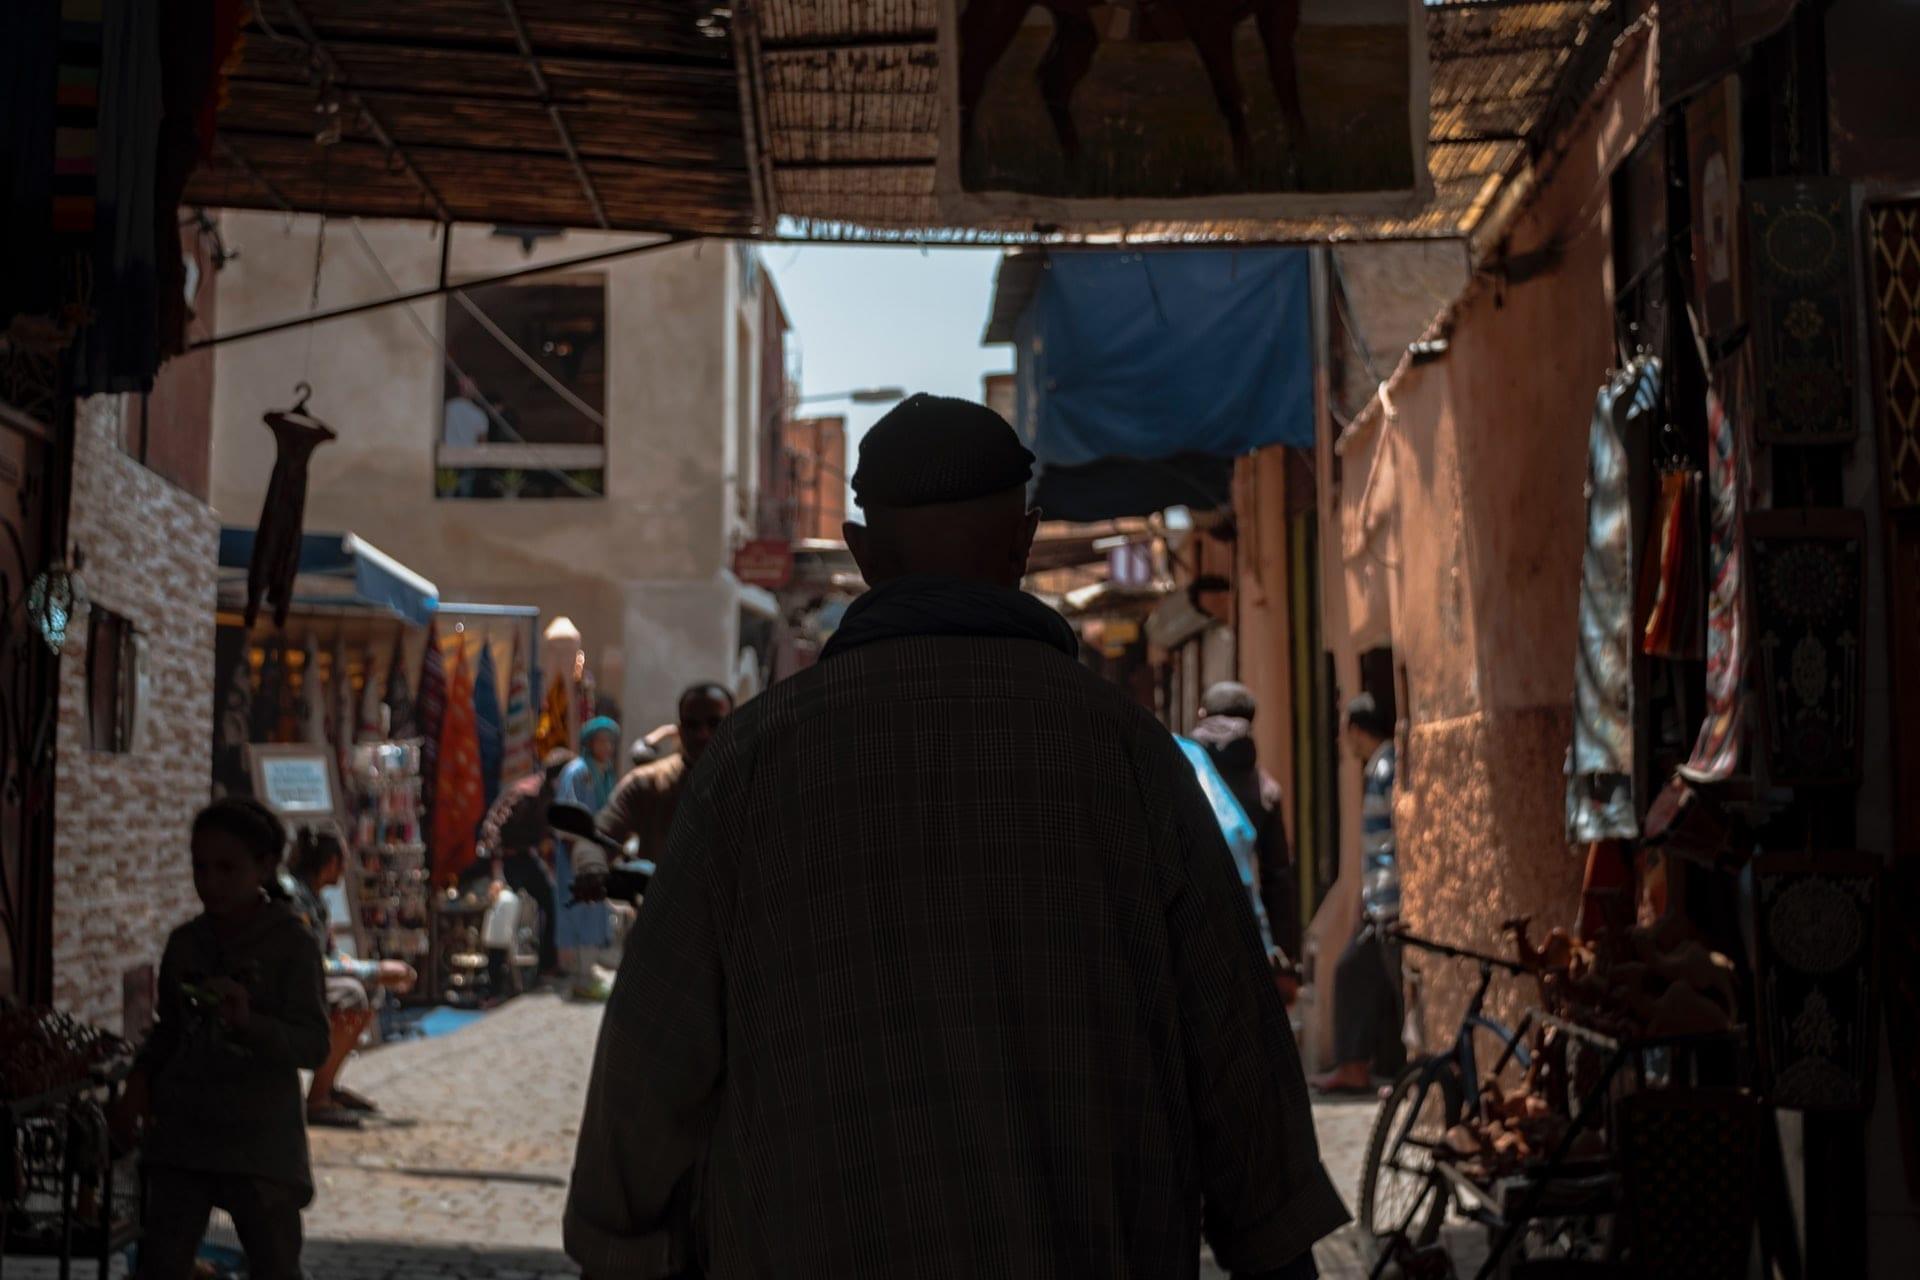 Imagem mostra homem em perseguição, stalking